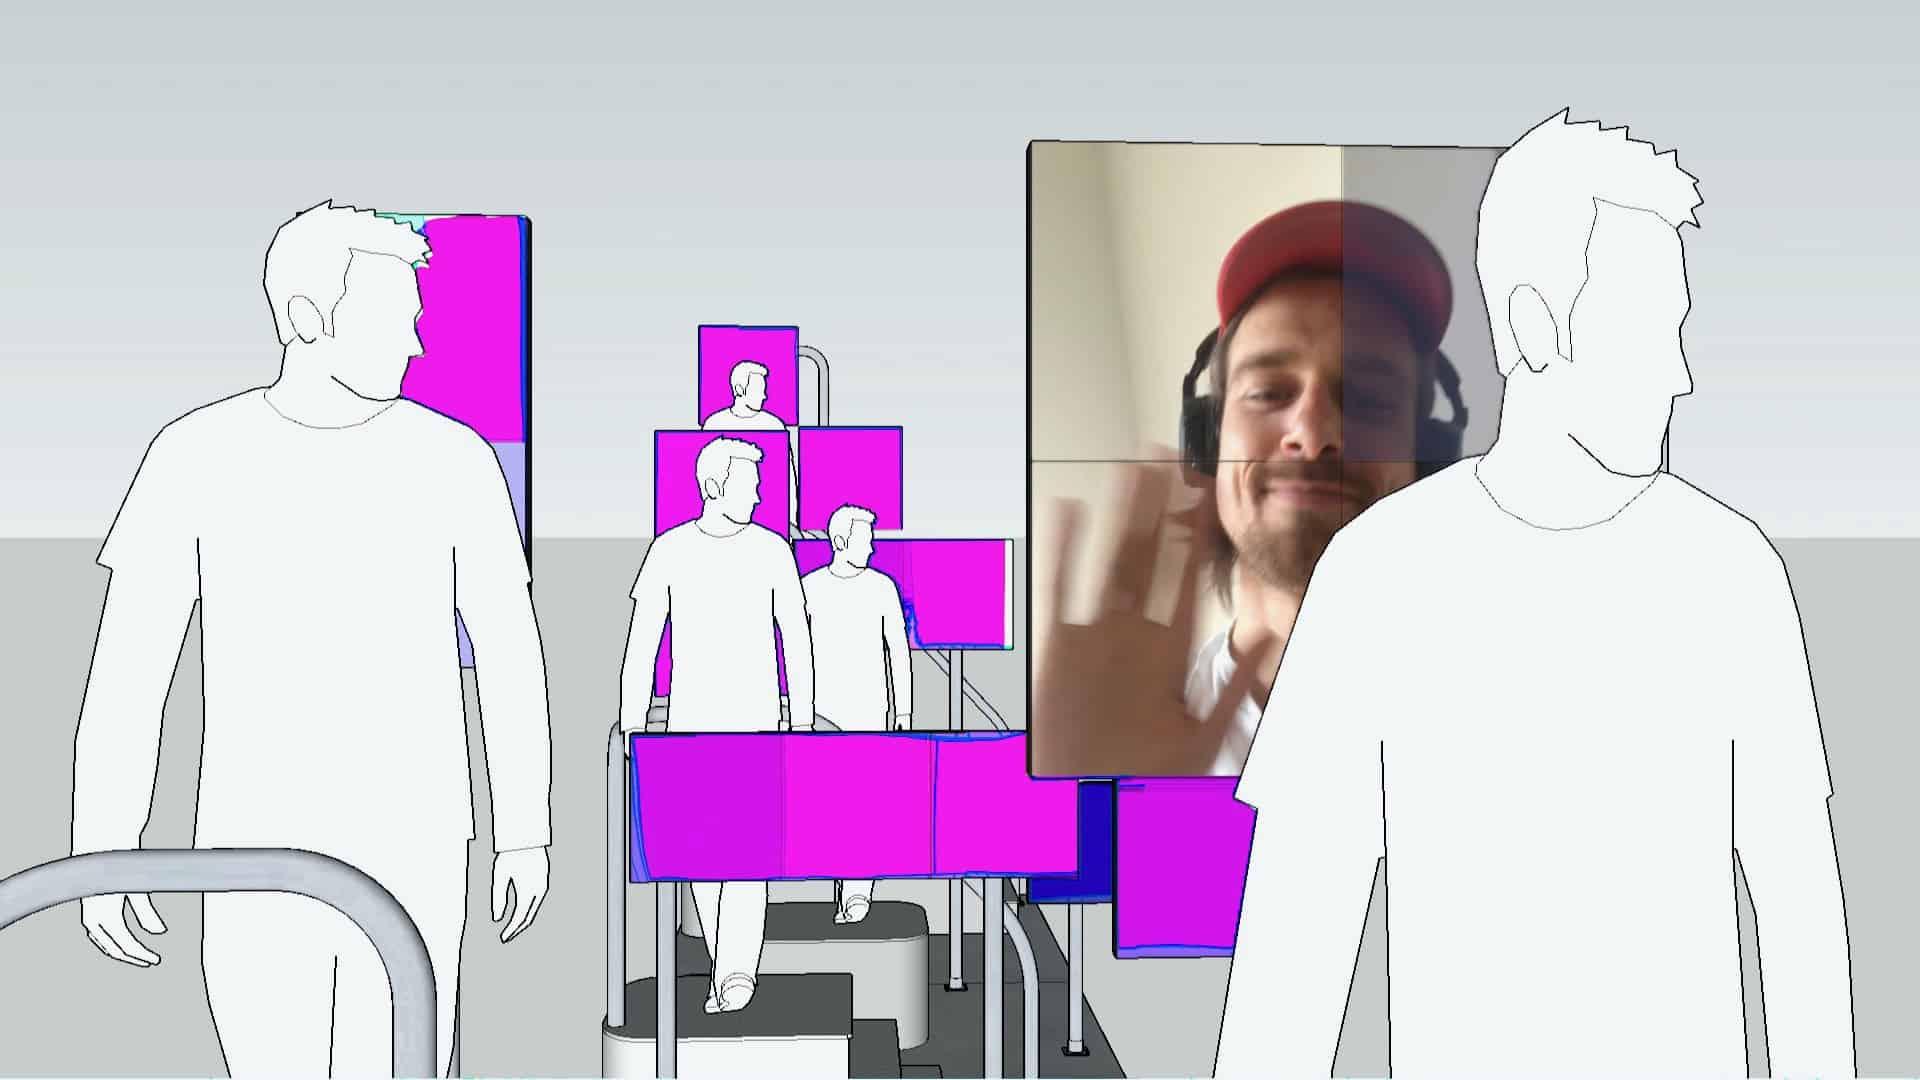 Kunstinstallatie Aldo brinkhoff met roze schermen met mensen op trappen en een scherm met Aldo